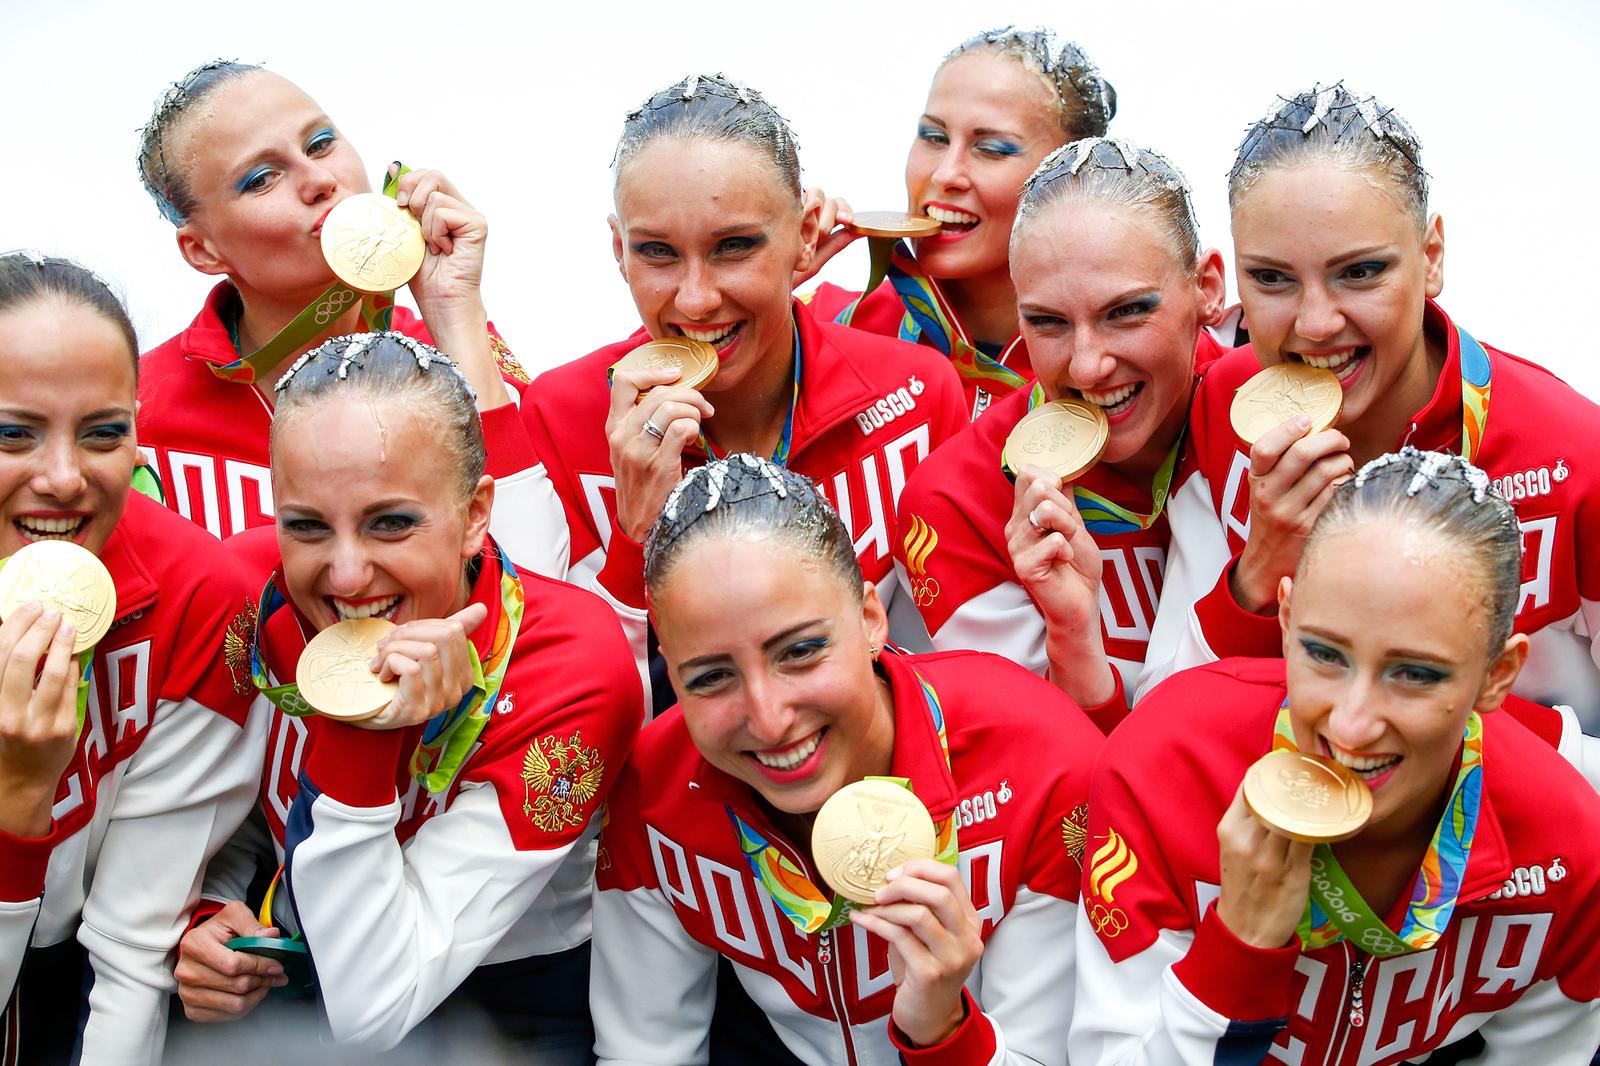 Российские синхронистки в золотыми медалями